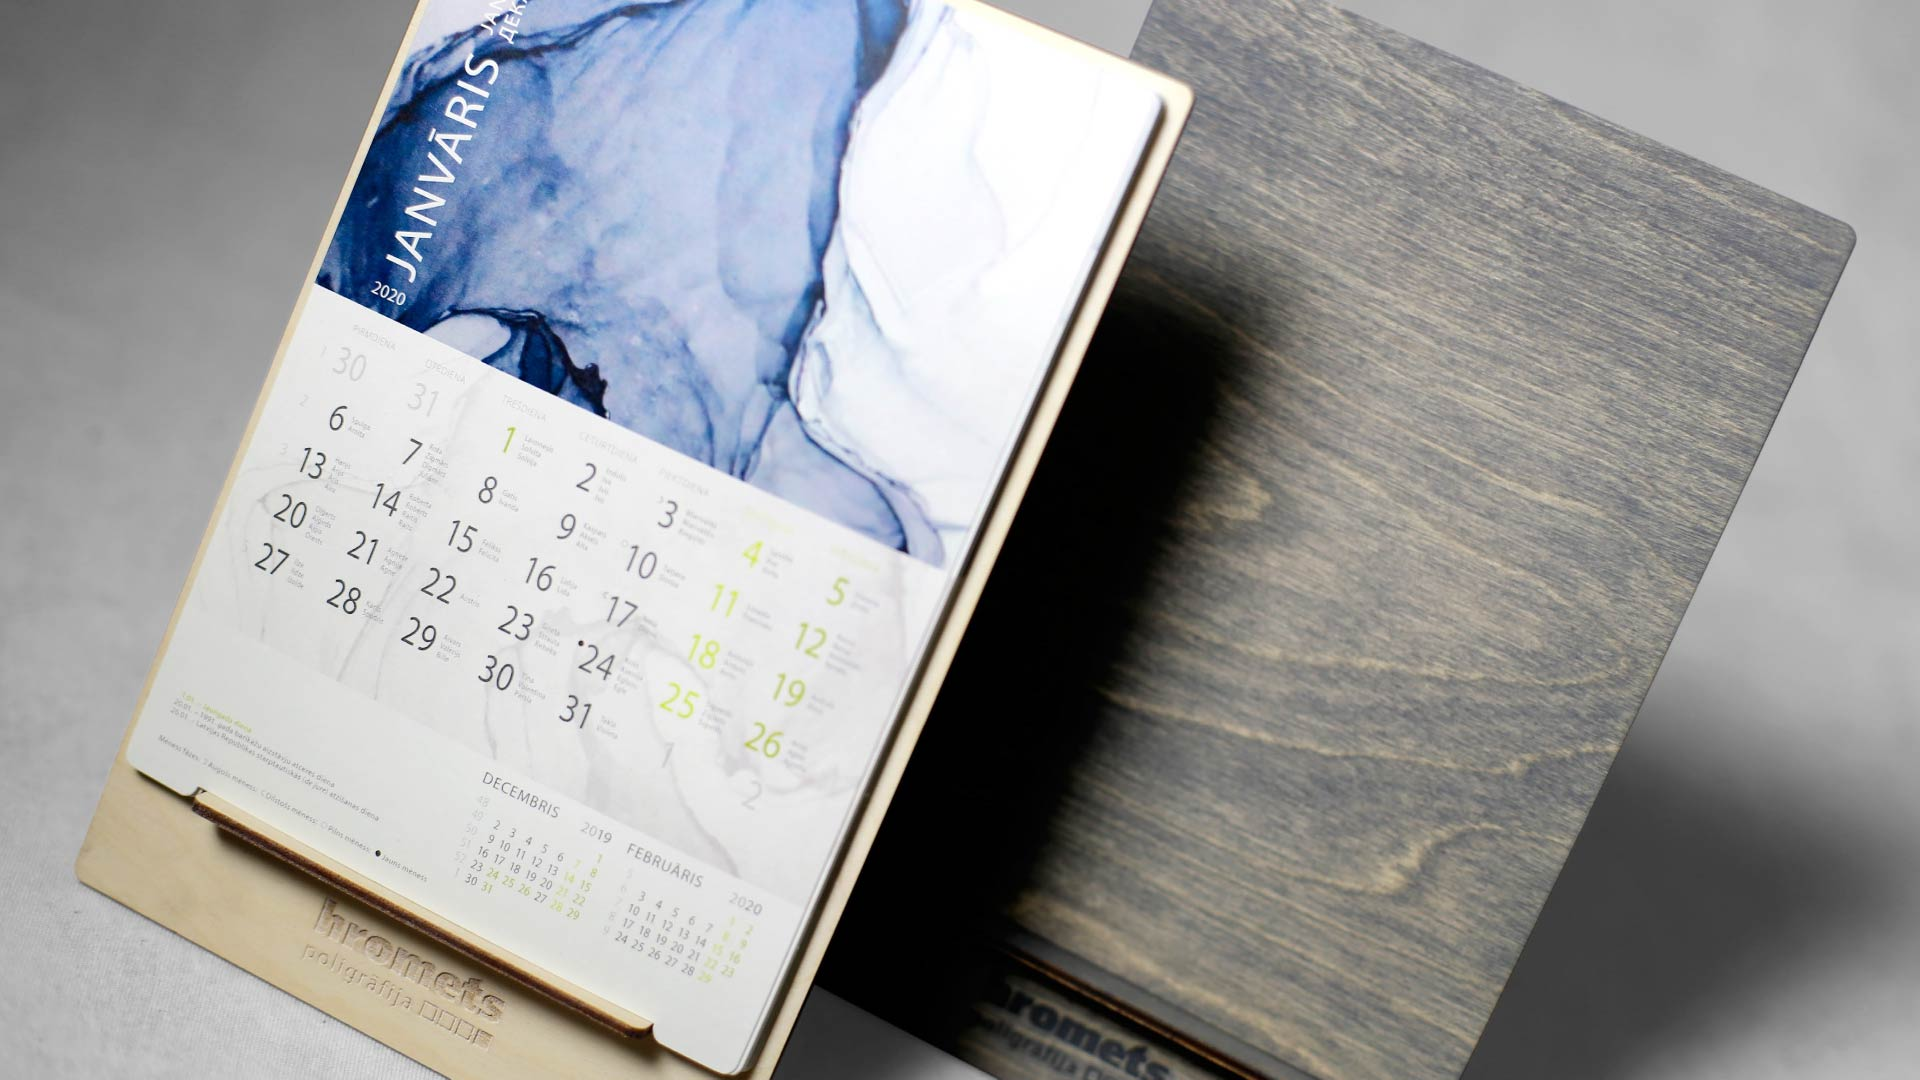 Koka kalendāru Wood Shelf izgatavošana Hromets poligrāfija